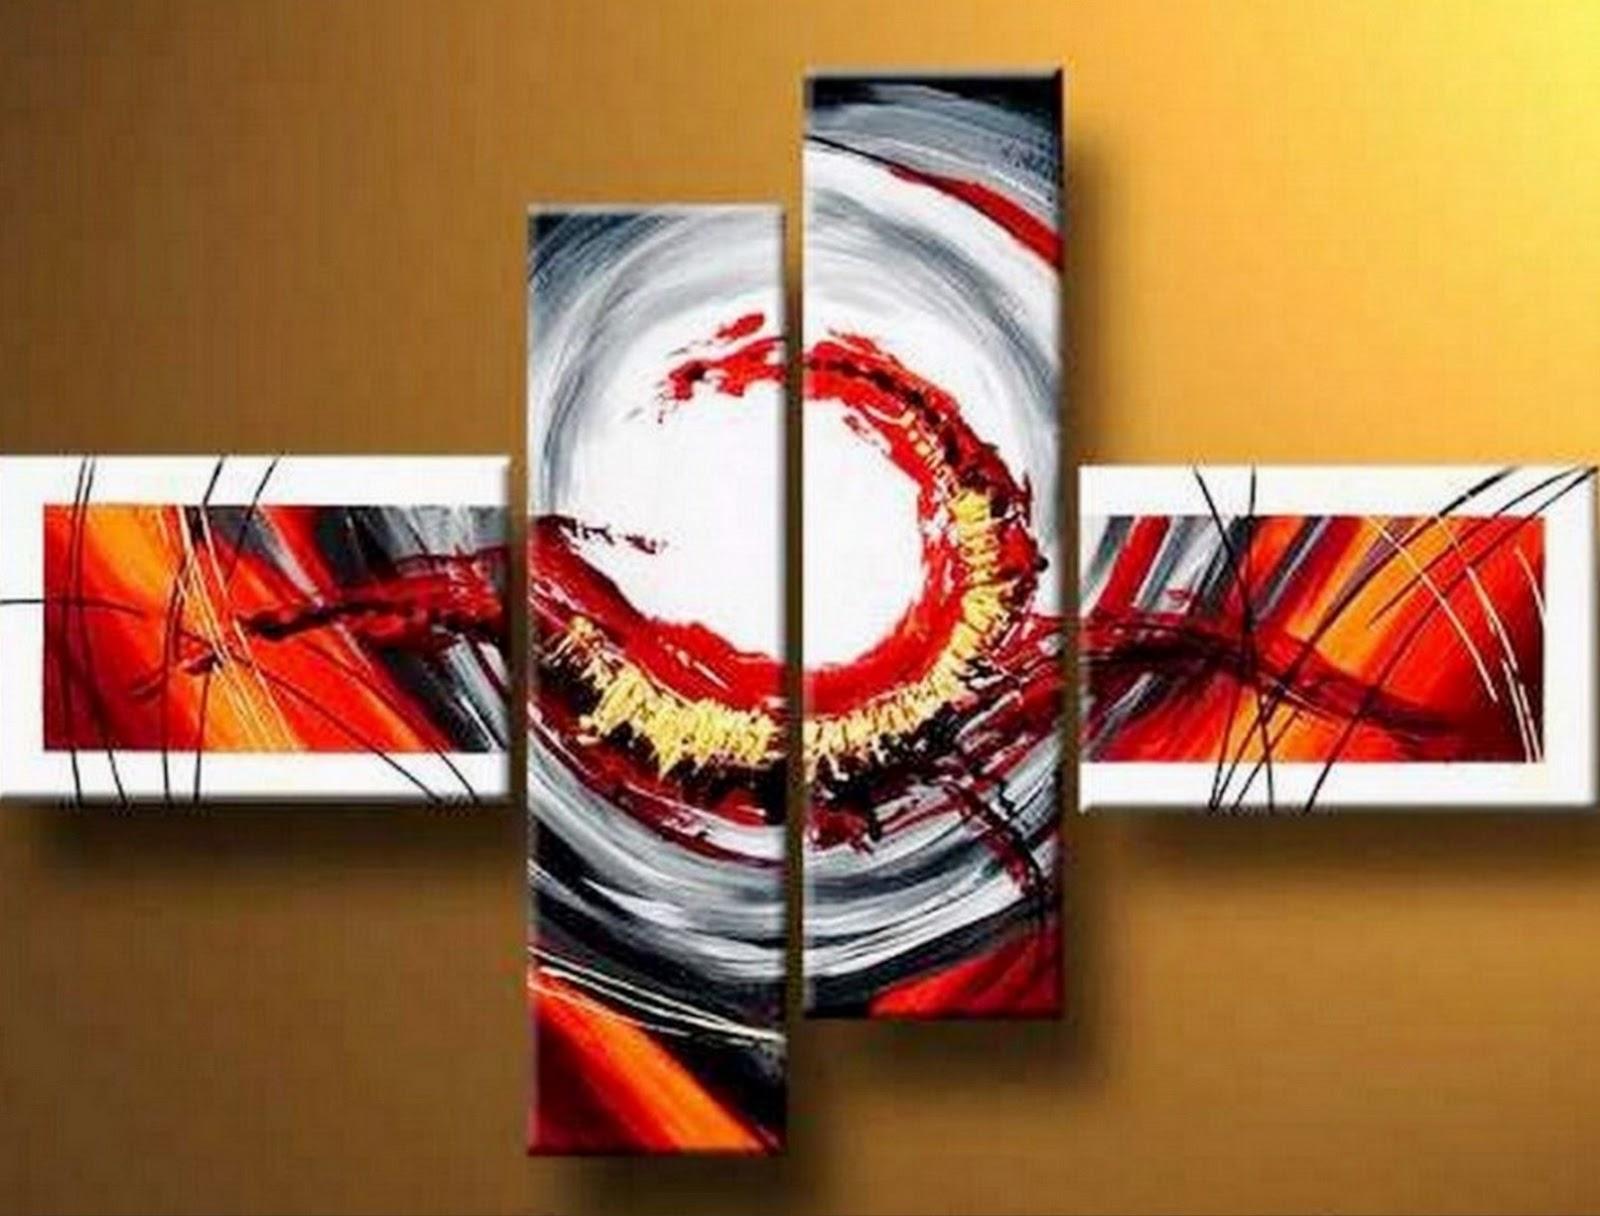 Im genes arte pinturas cuadros abstractos modernos for Imagenes cuadros abstractos modernos